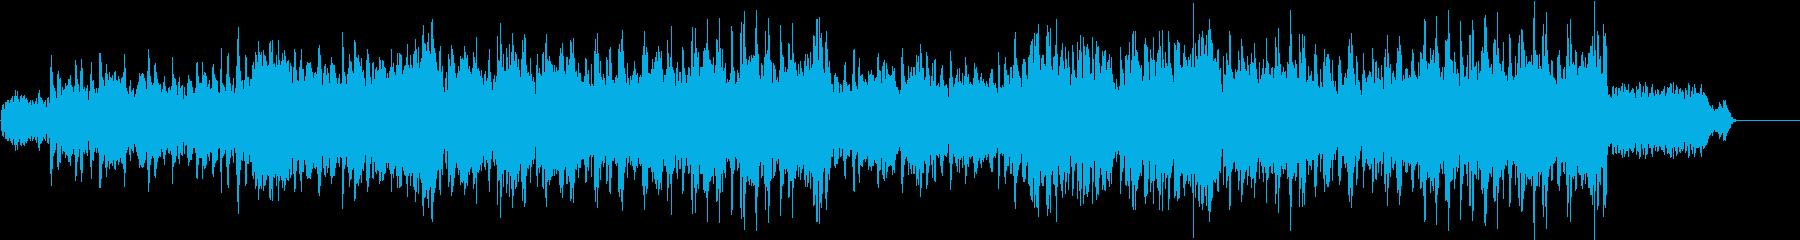 ゆったりとした朝の日常系BGMの再生済みの波形